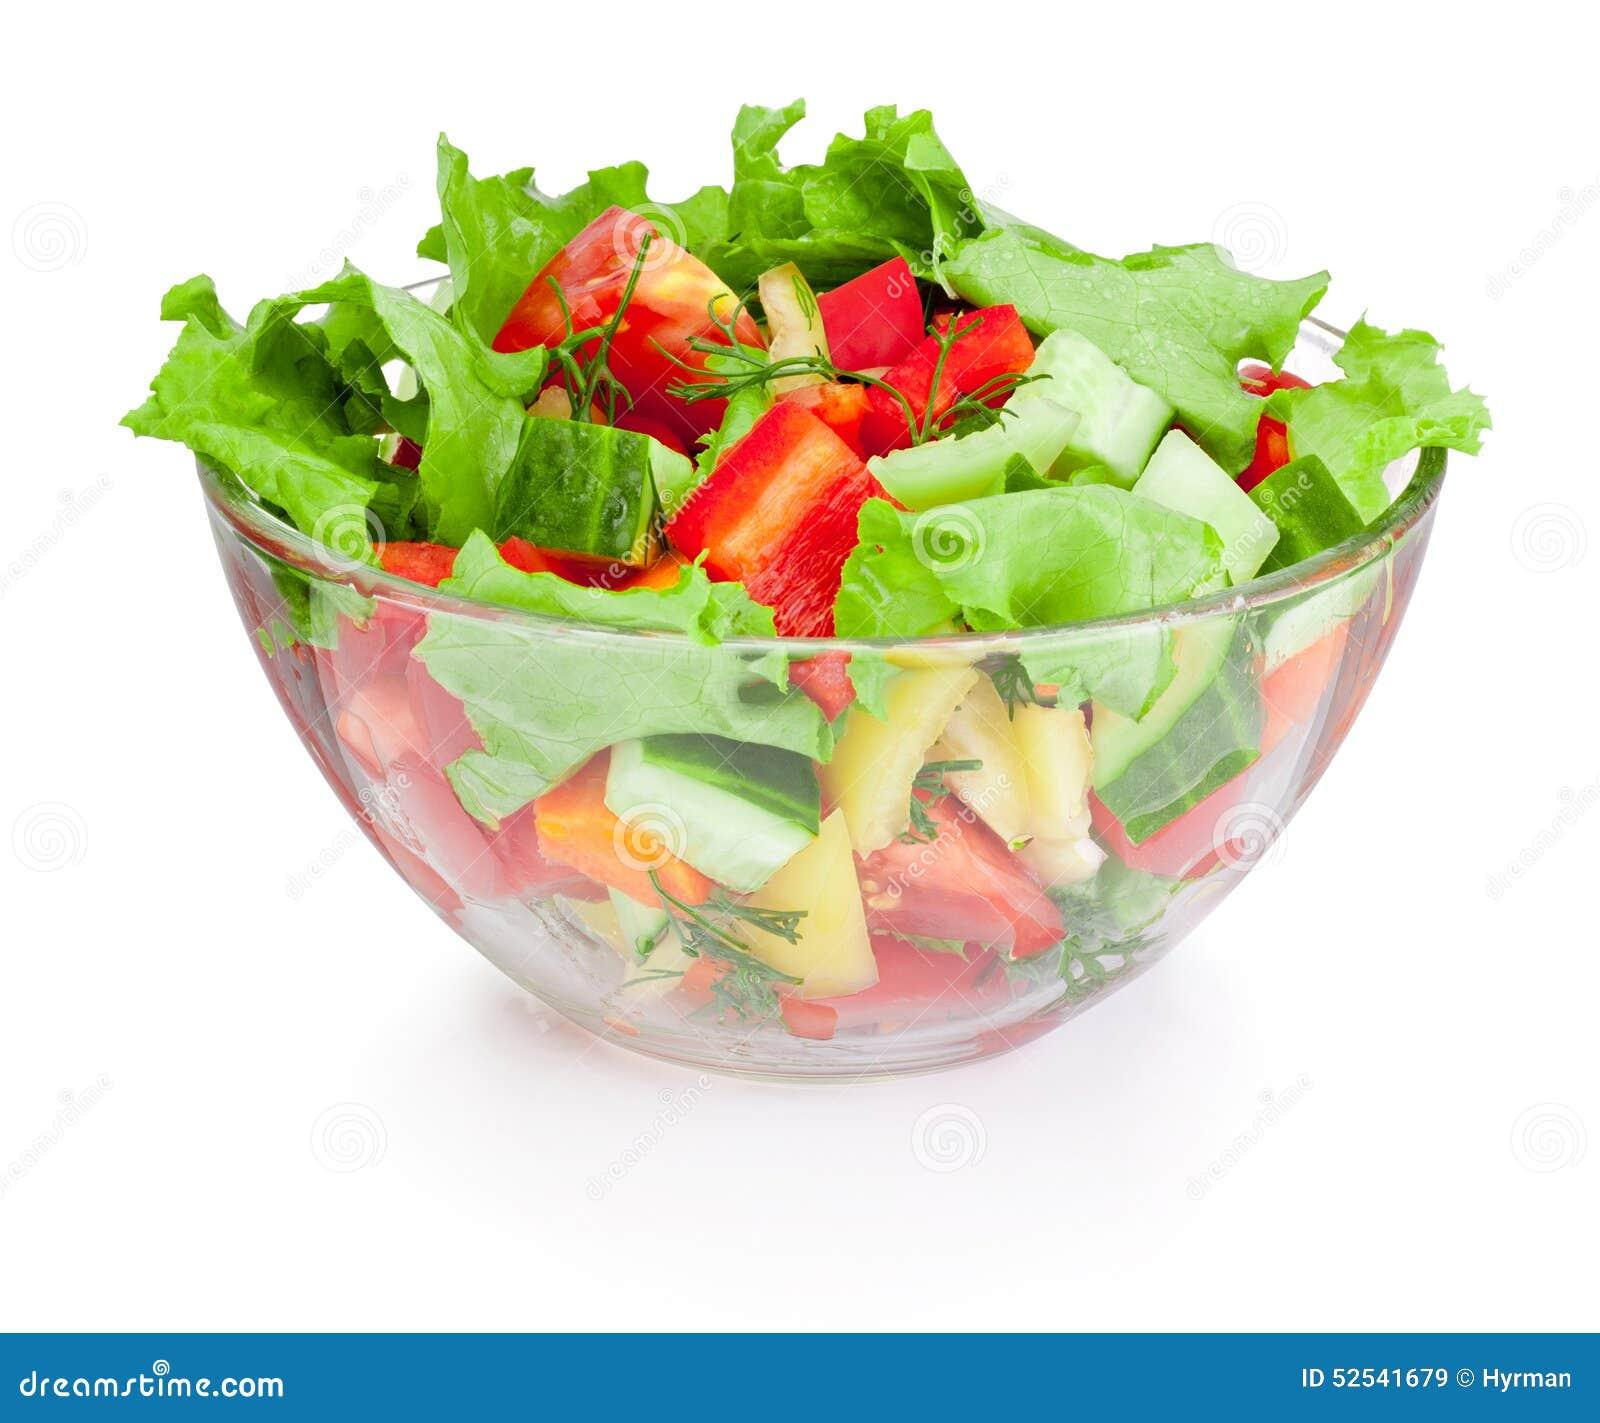 在白色背景隔绝的玻璃碗的新鲜蔬菜沙拉